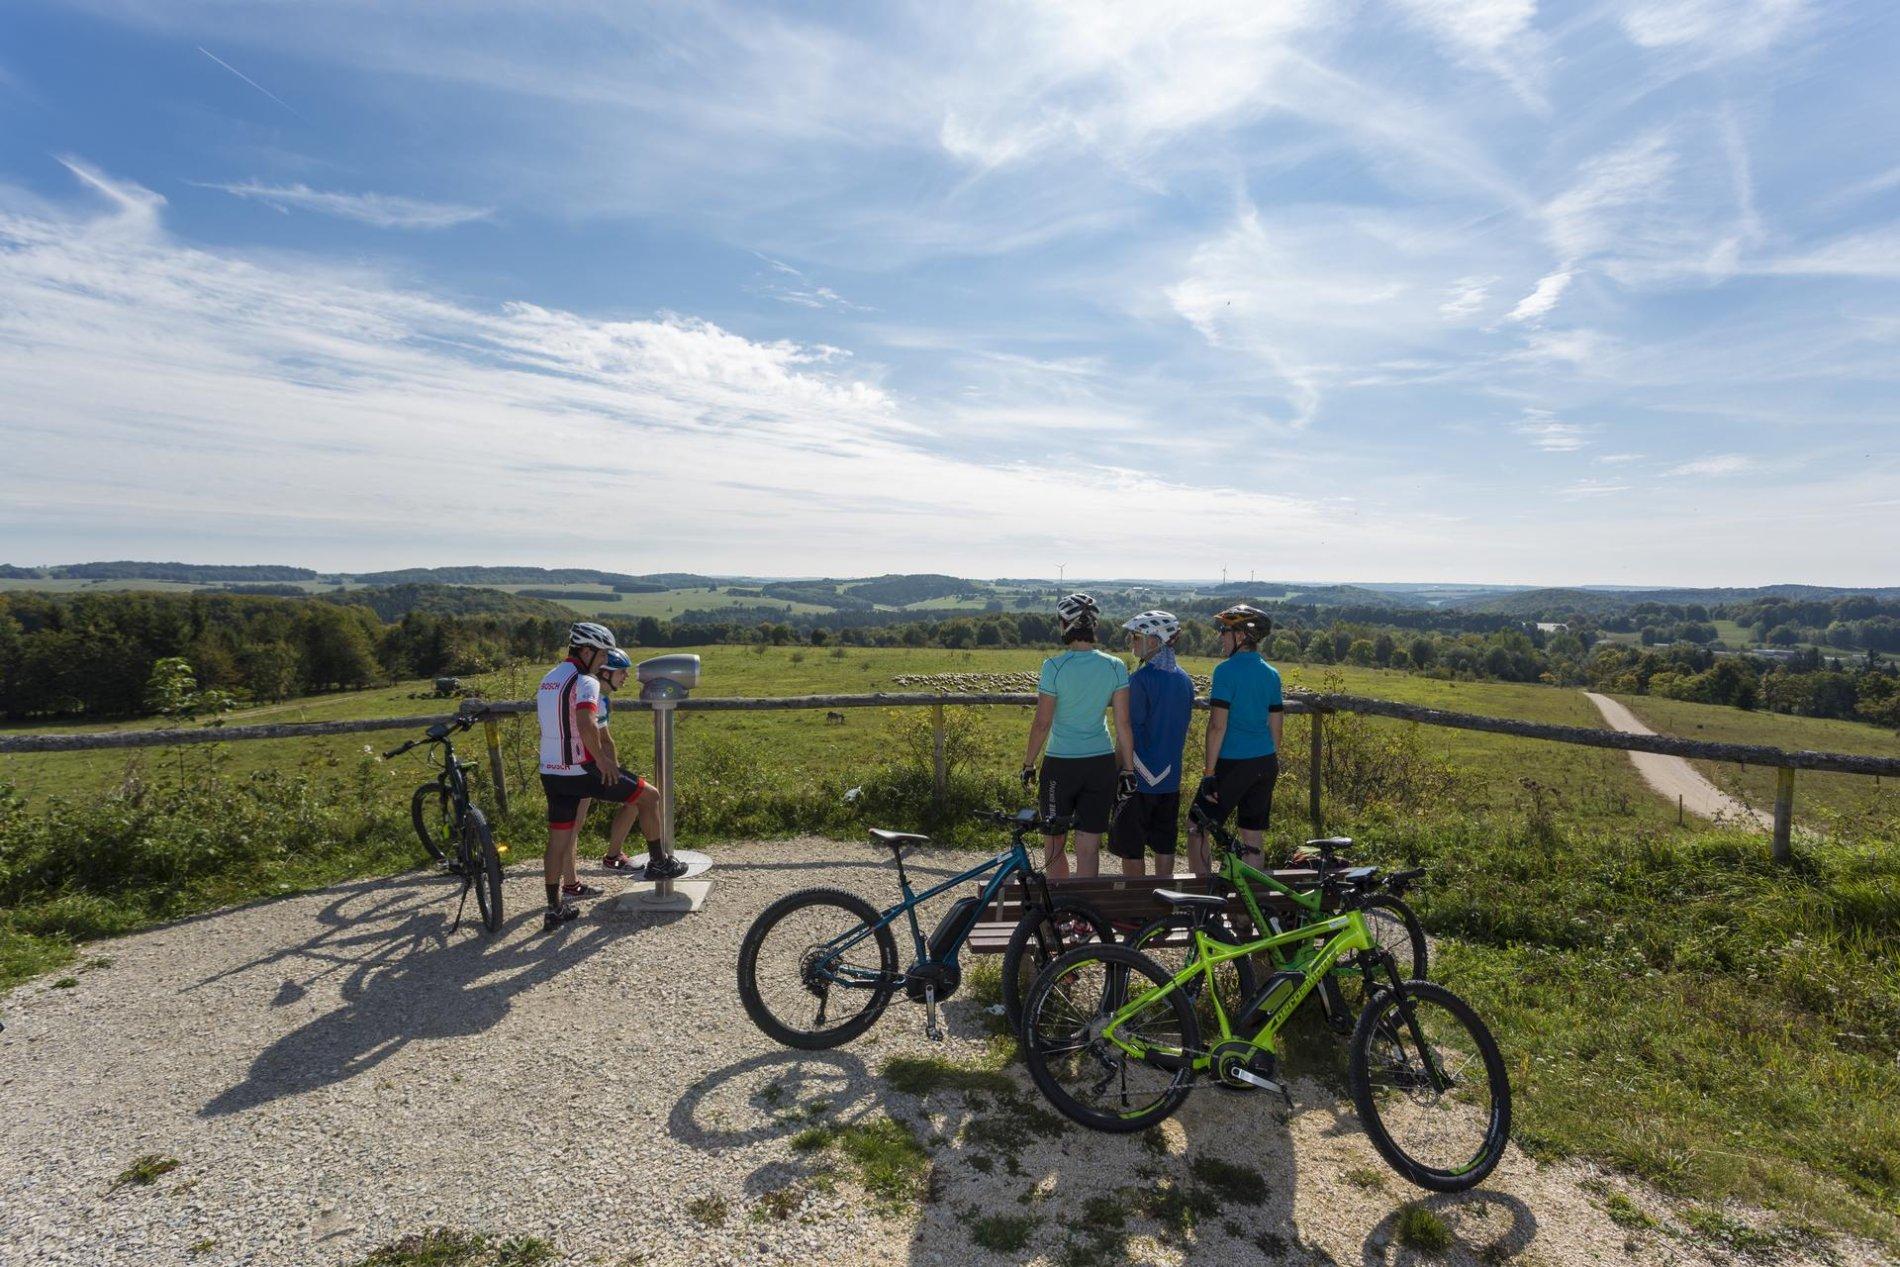 Radlergruppe auf einen Aussichtspunkt mit Fernblick in die Landschaft